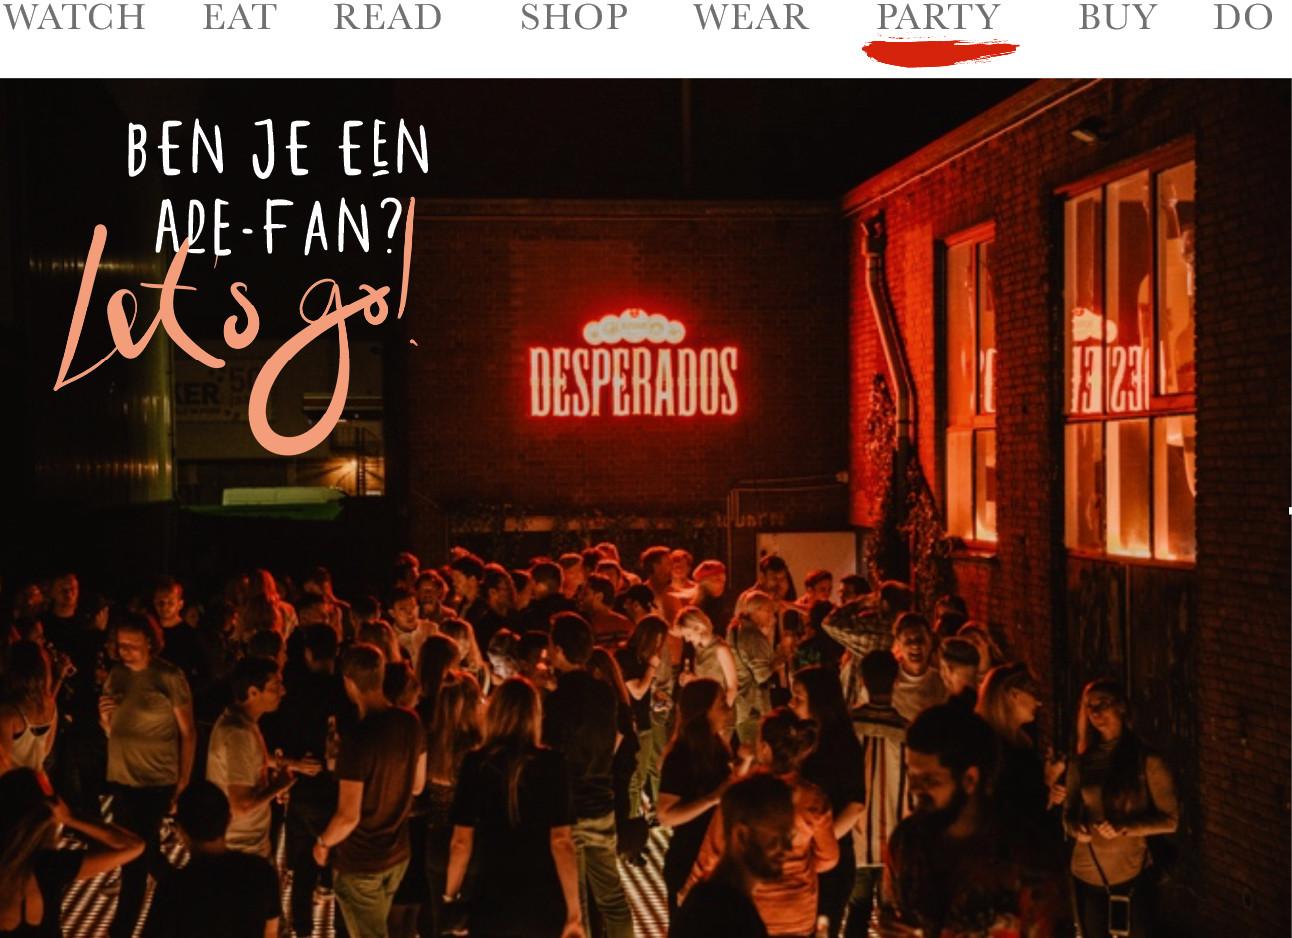 Een feestje op het dak met een rood desperados bord dat licht geeft en dansende mensen